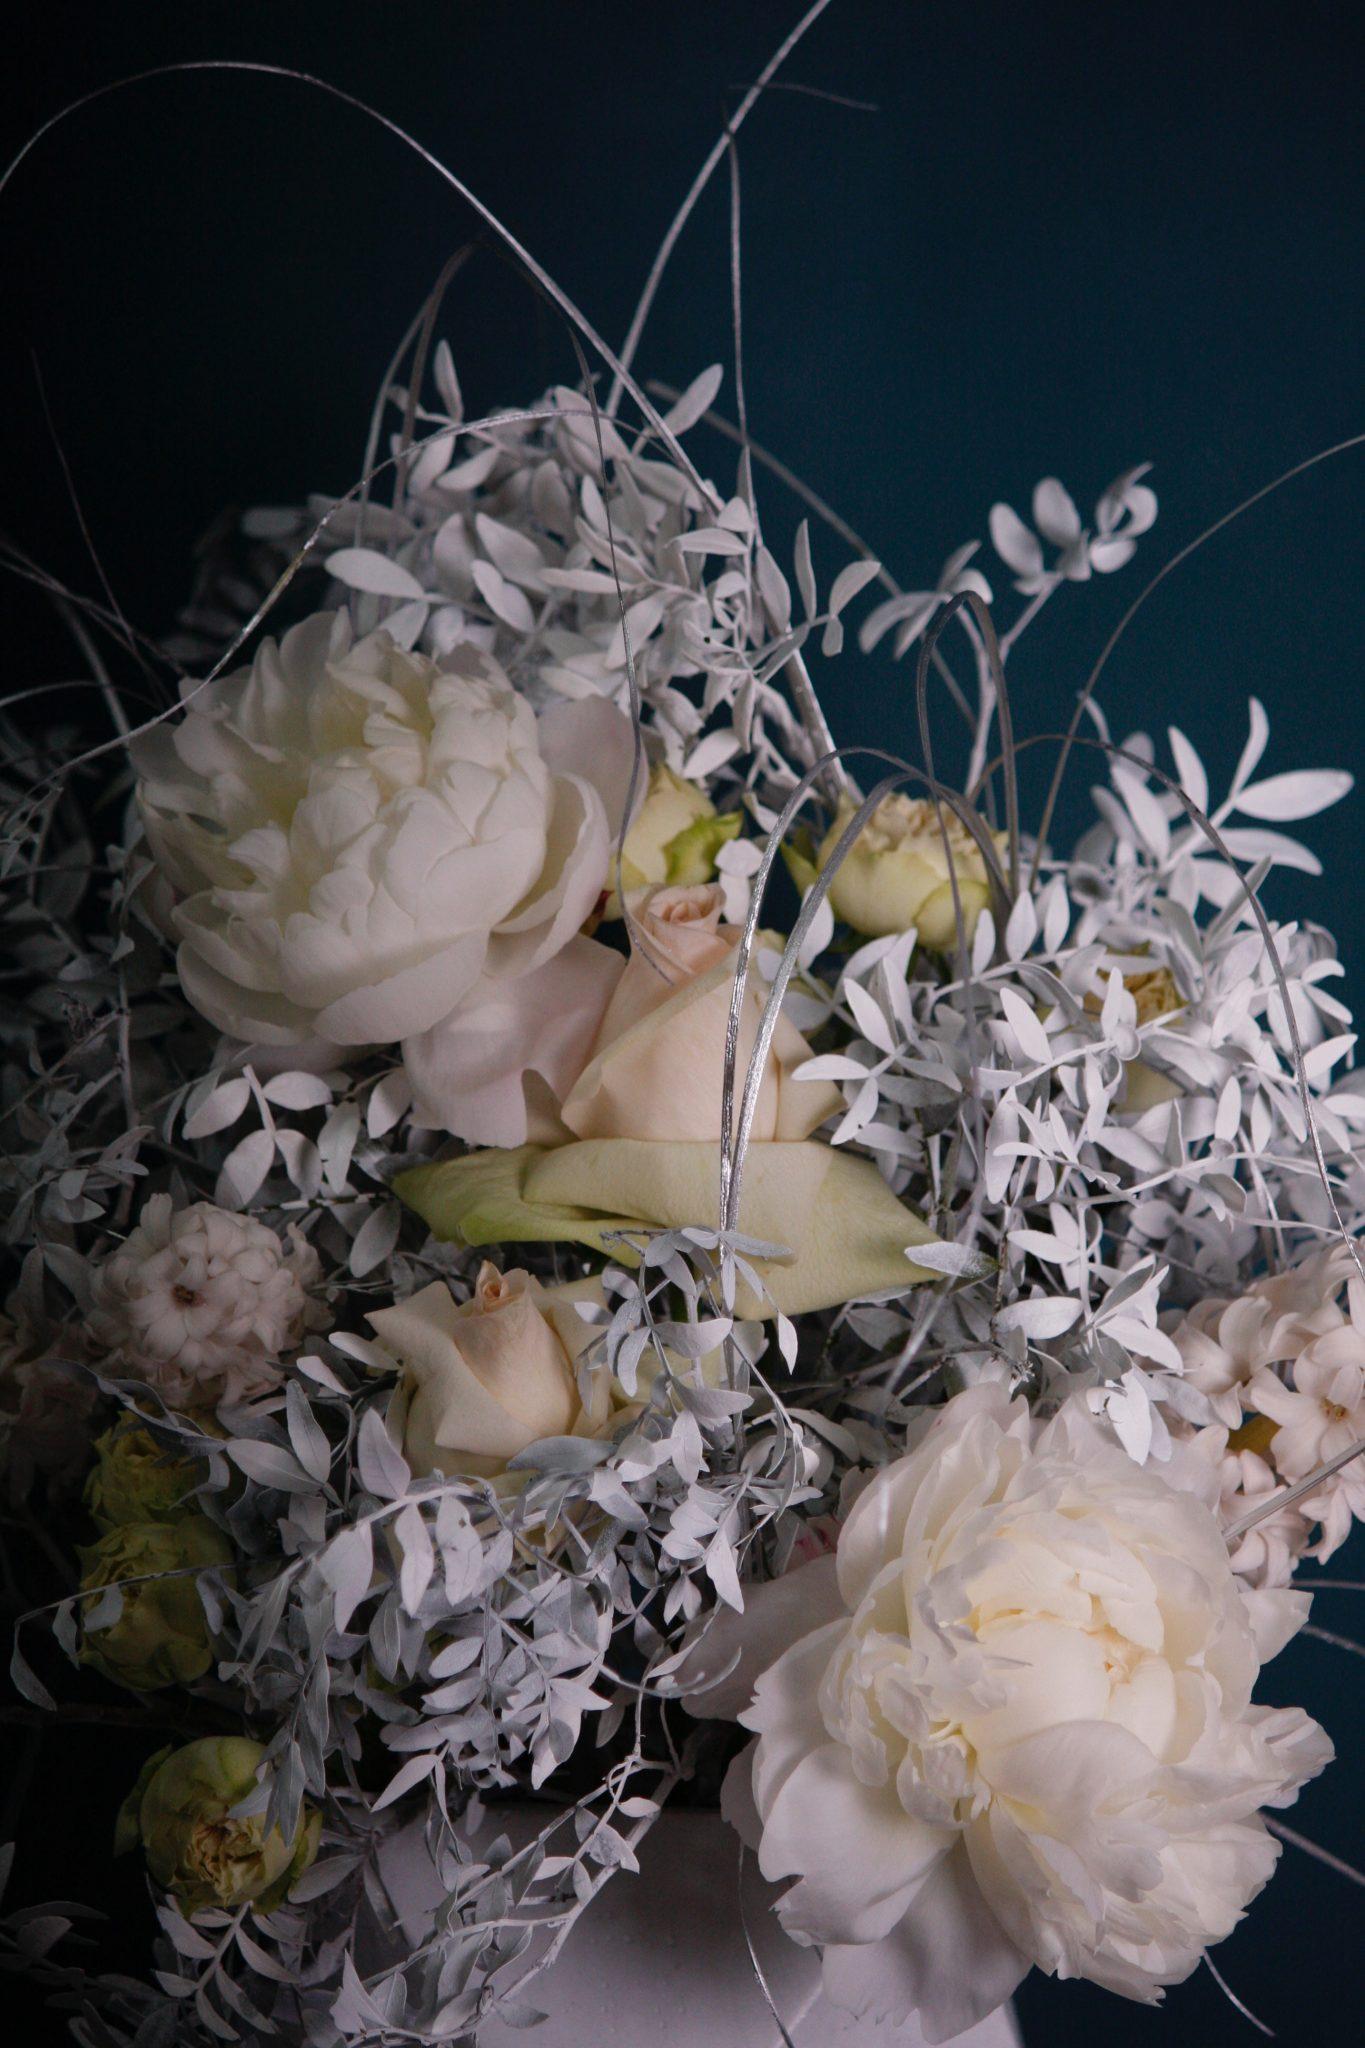 significado de la rosa blanca